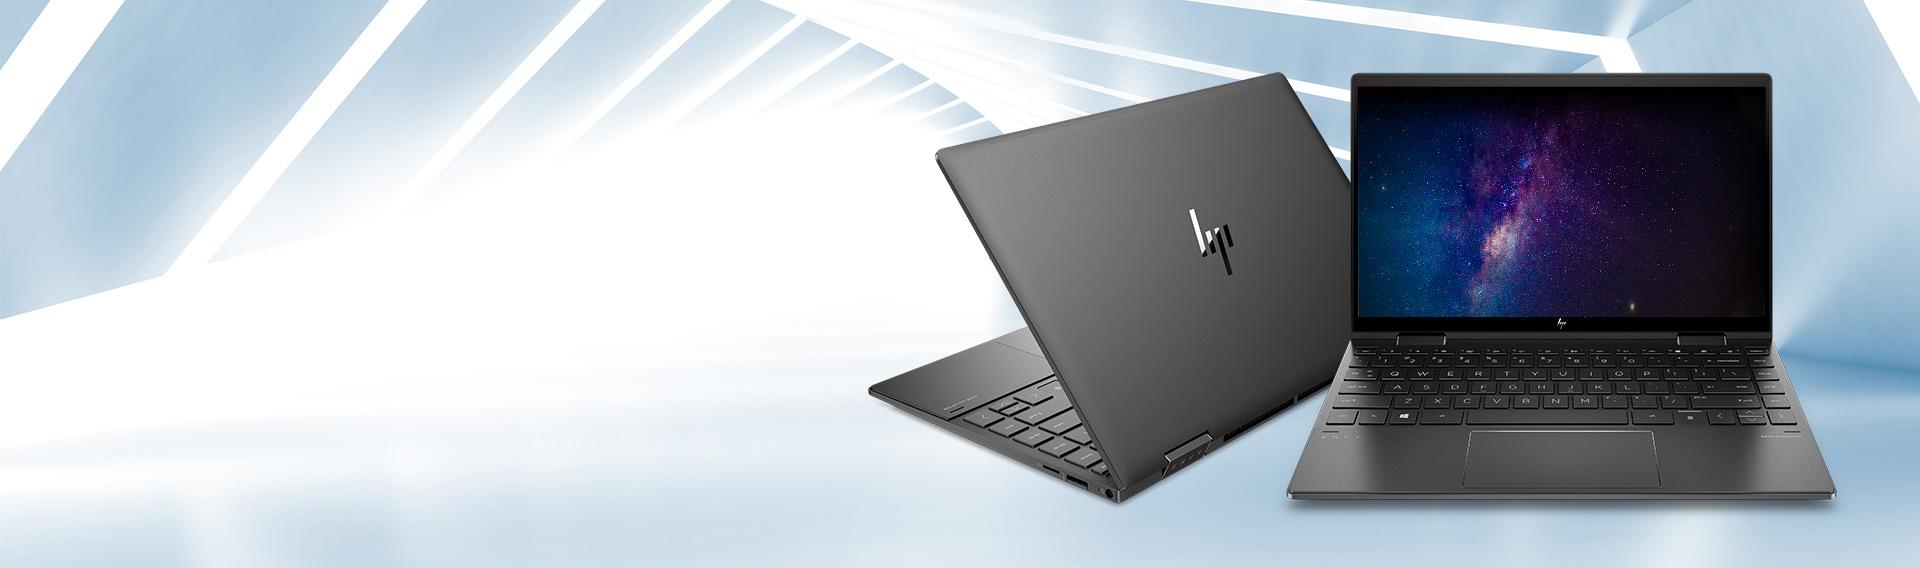 Portátiles HP. Ahorra hasta 21%* más 10% adicional con cupón** HPNEWTECH.